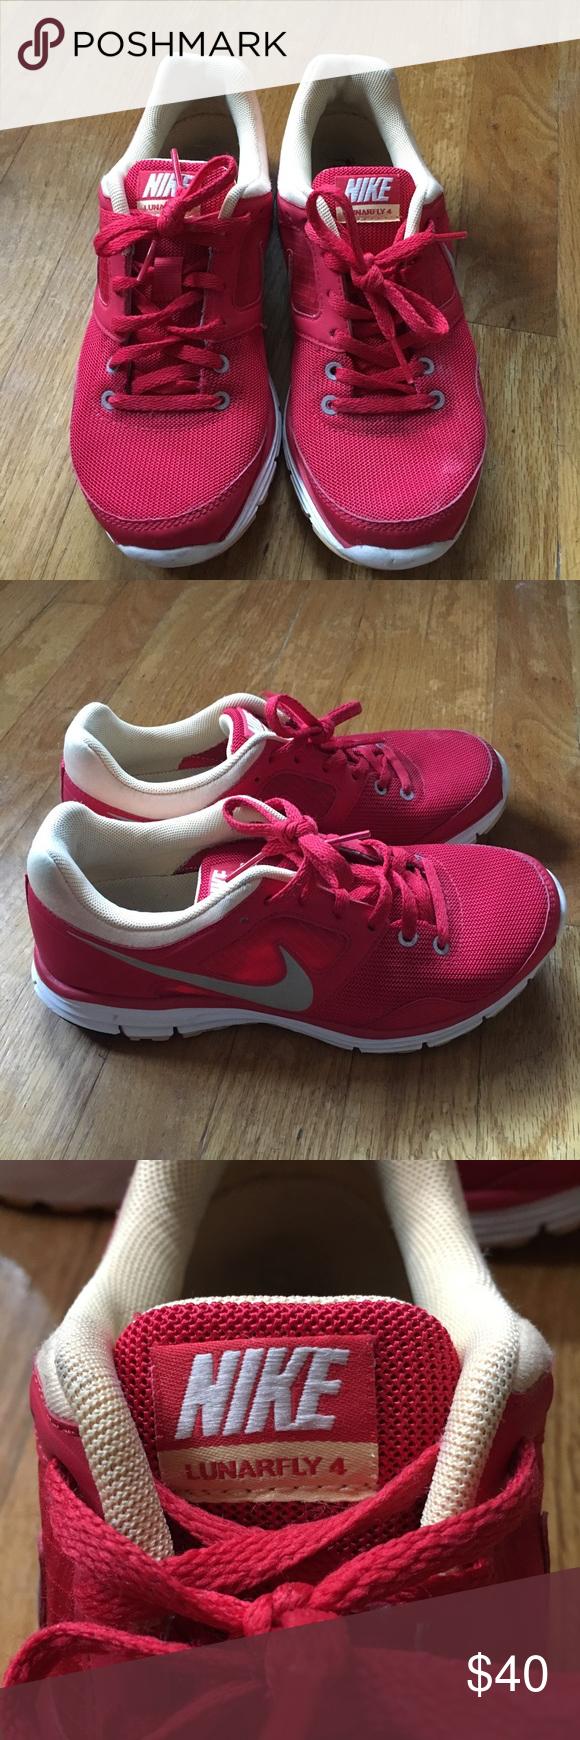 fbf99d9b93aa PRICE DROP- Nike Lunarfly 4 Running Shoes Nike Lunarfly 4 Running Shoes.  Size 6.5 Nike Shoes